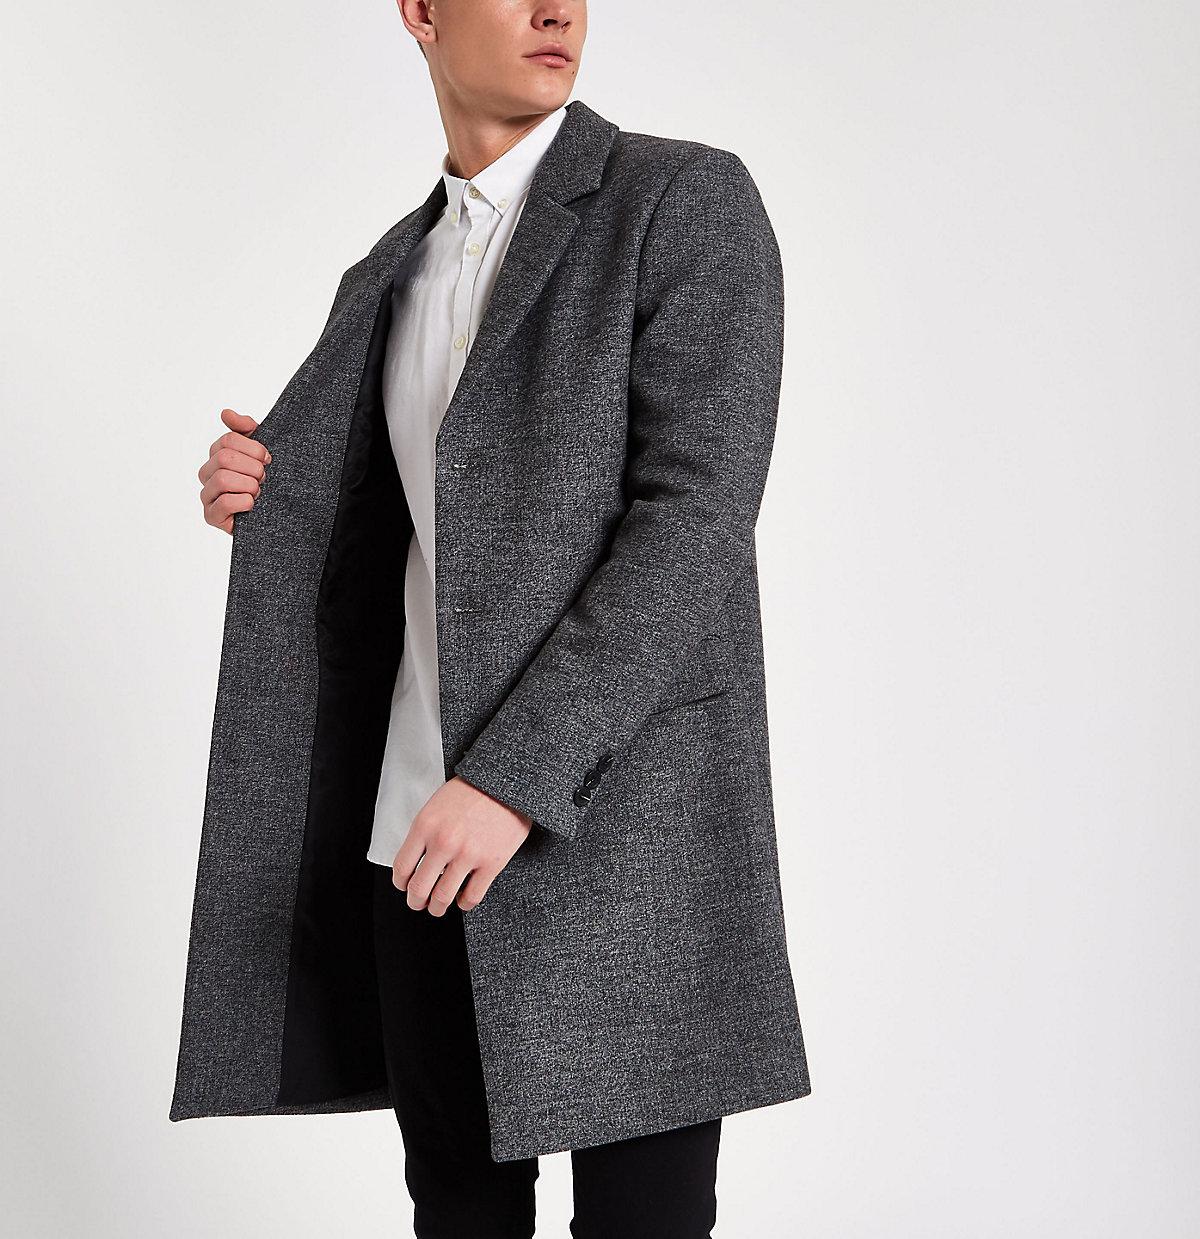 Grey smart tailored wool overcoat